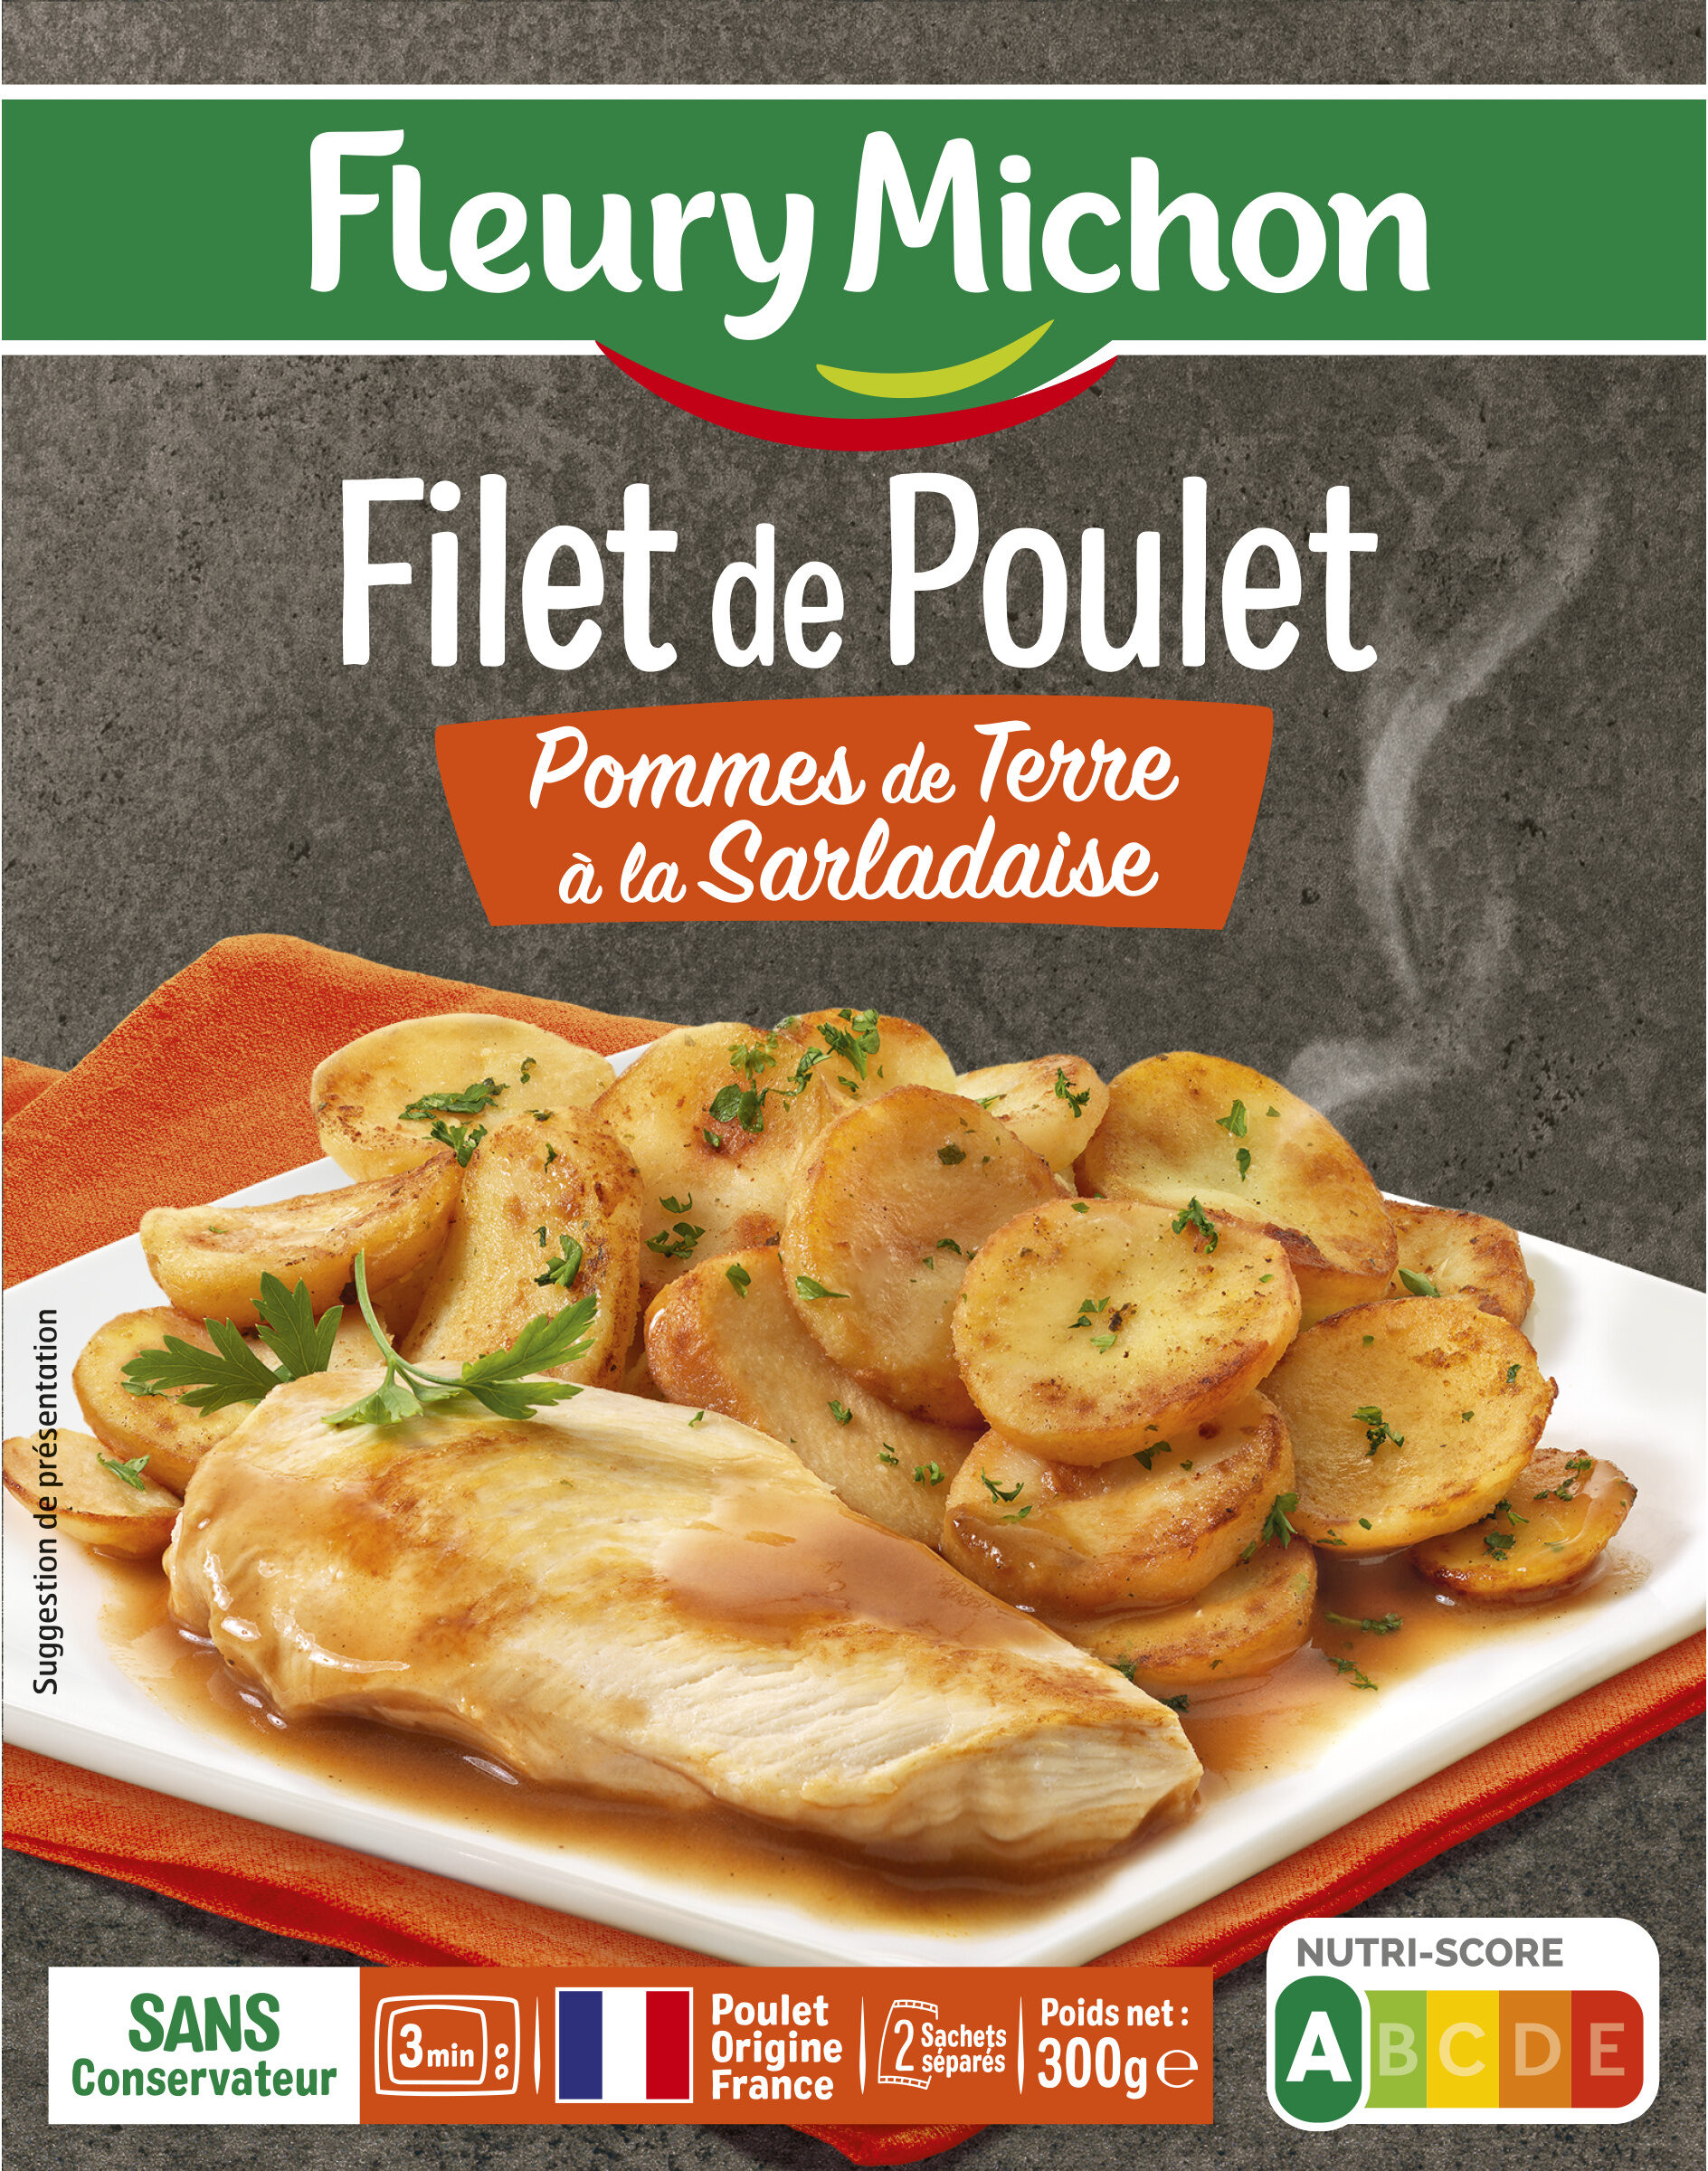 Filet de Poulet Pommes de Terre à la Sarladaise - Product - fr